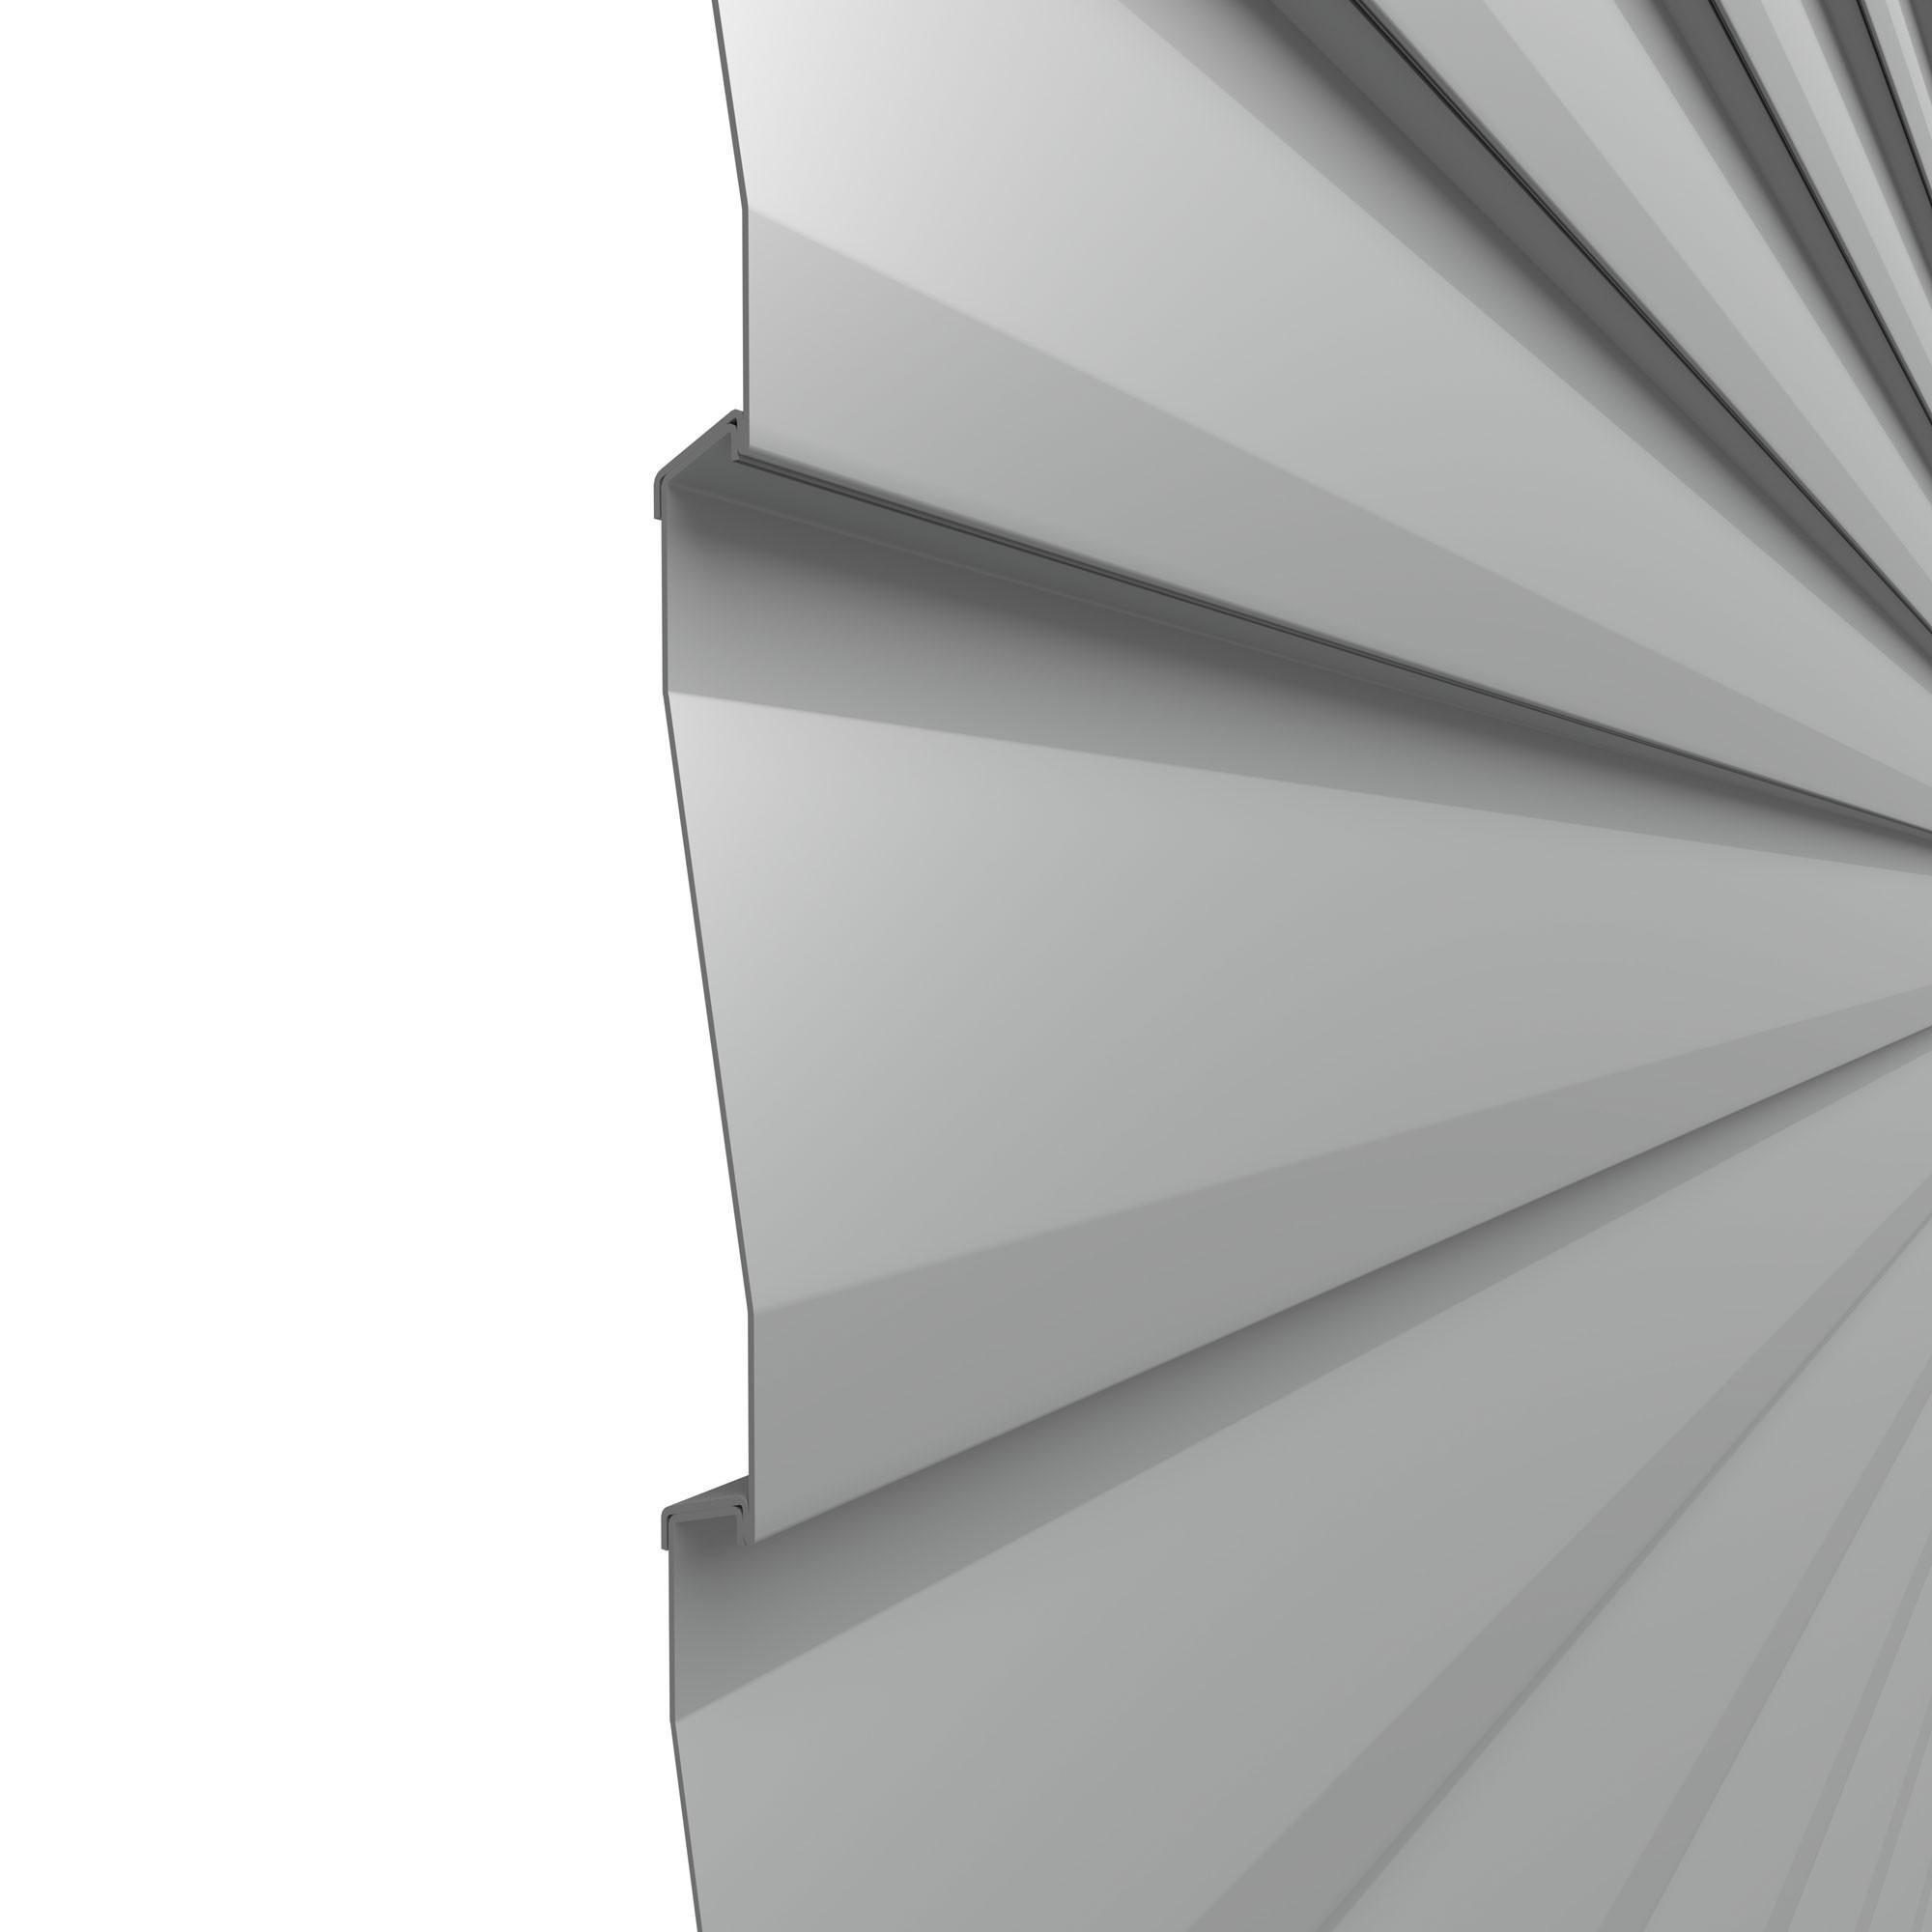 Sichtschutzzaun Traumgarten System Metall Basic silber 179x180cm Bild 2